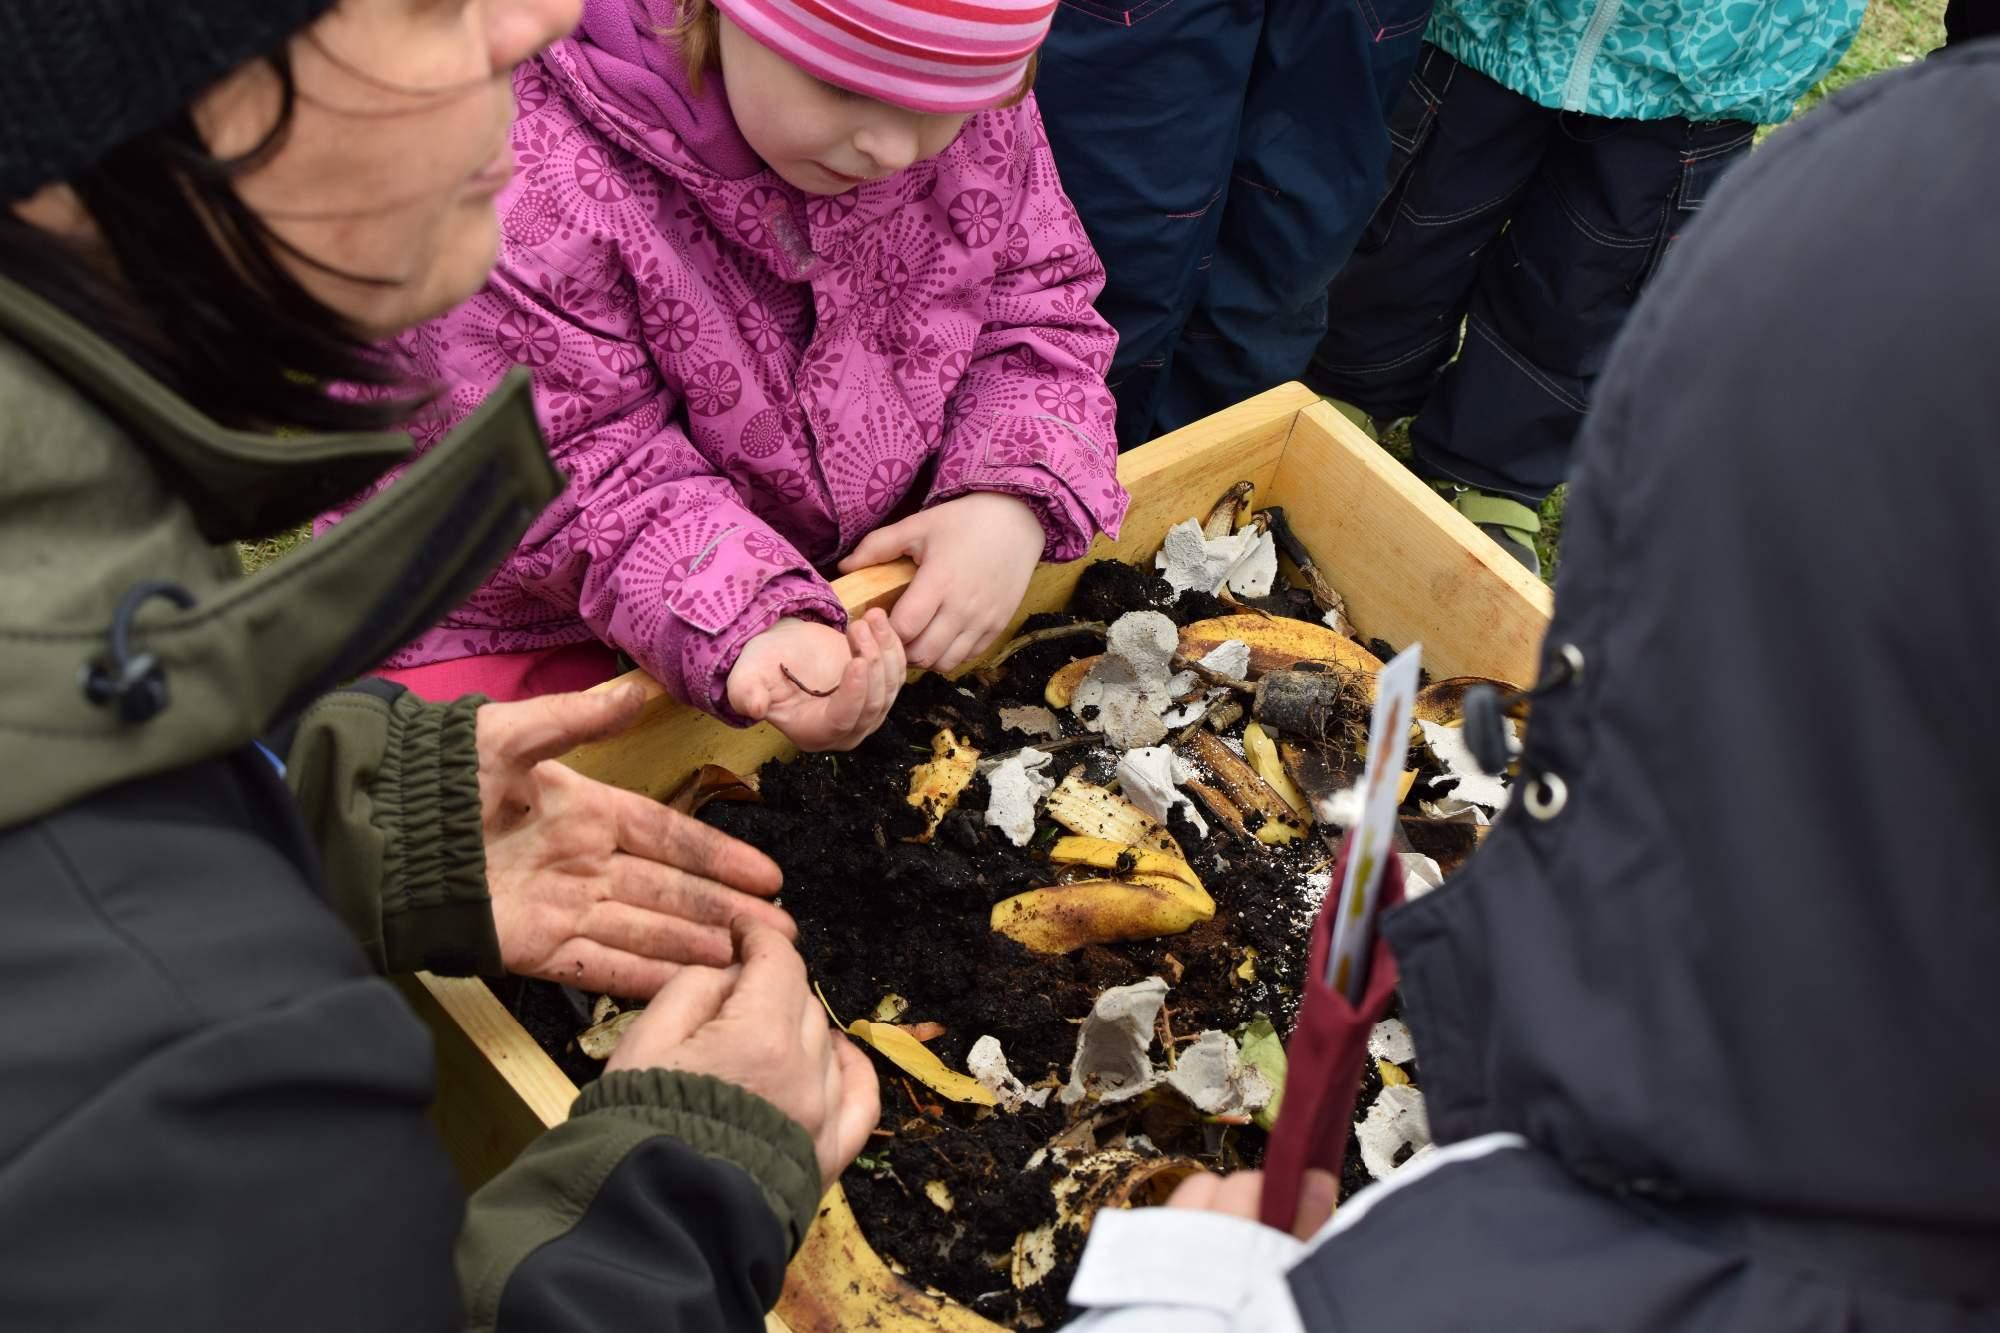 Podle Babáčkové je důležité, aby se děti naučily mít vztah k přírodě již od malička. Foto: Lenka Jebáčková